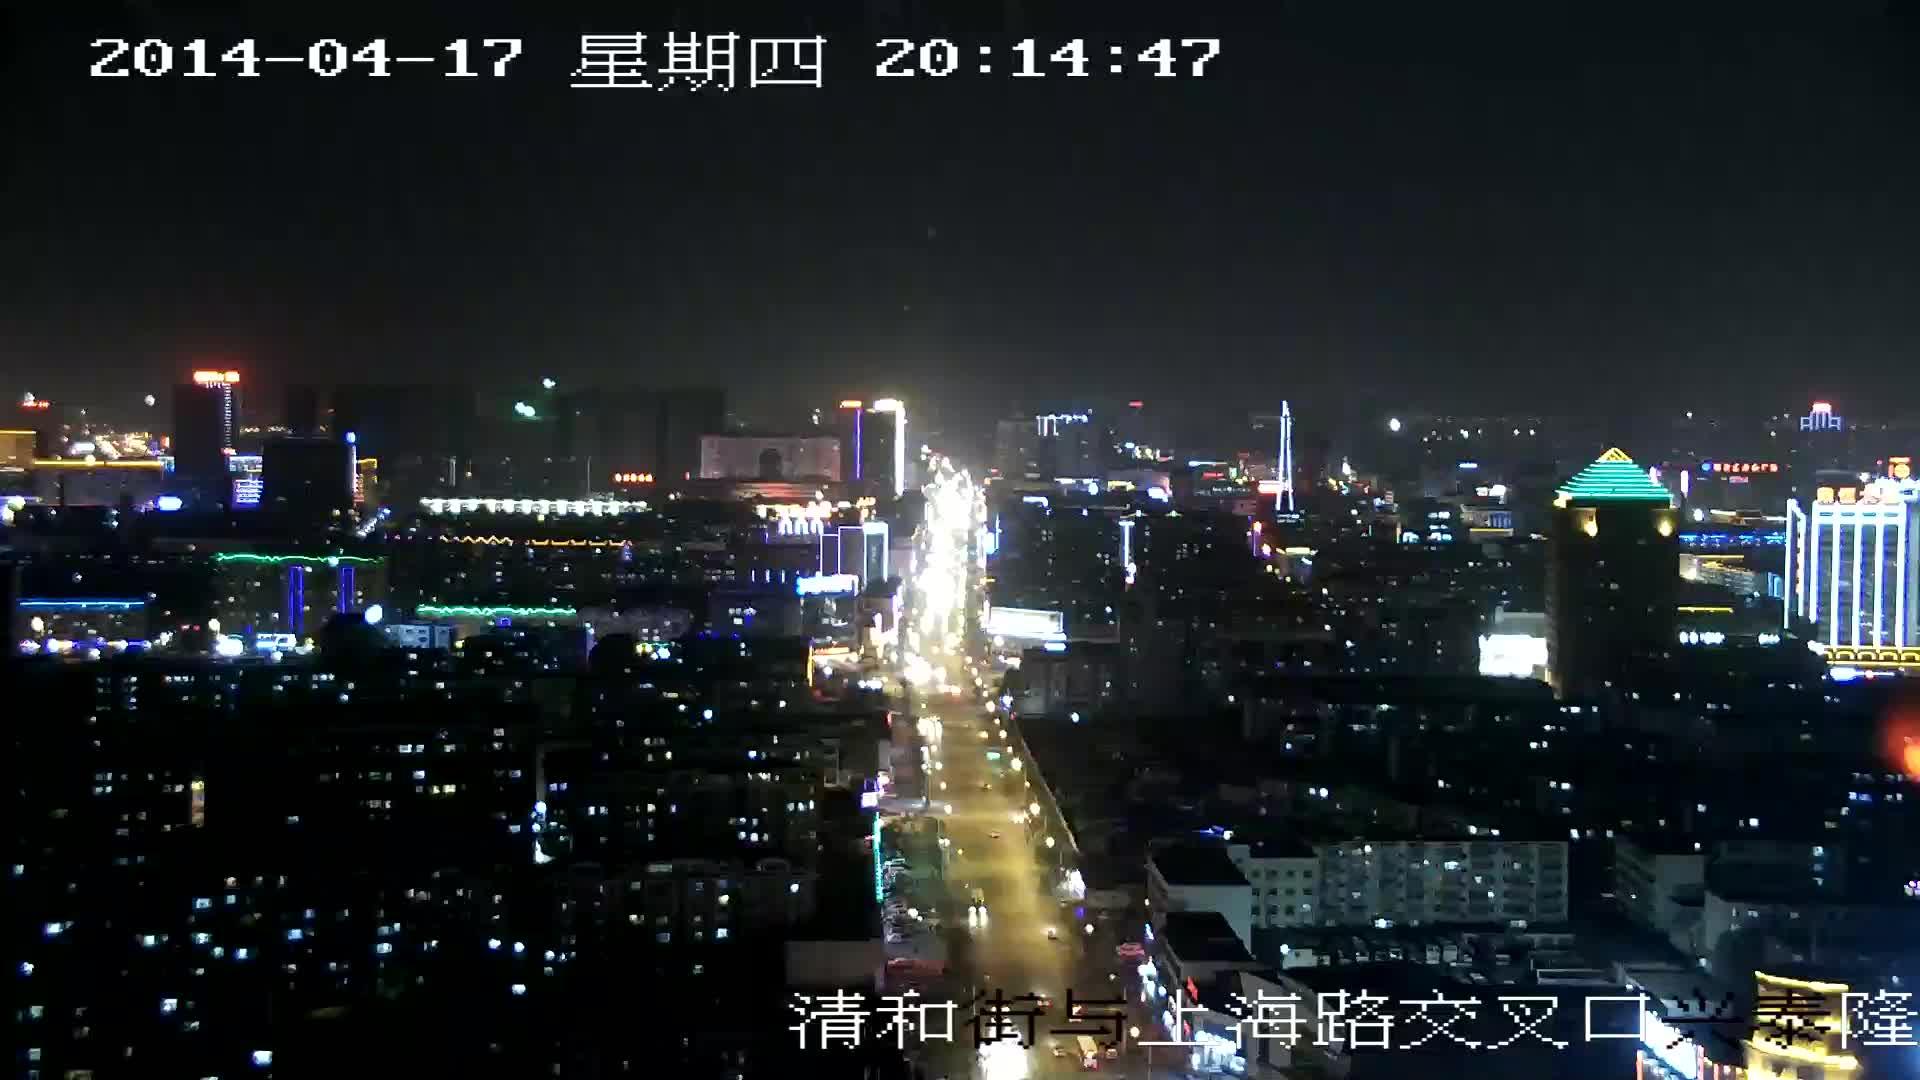 紫光积阳高空瞭望专用低照度高清变焦透雾摄像机夜晚效果